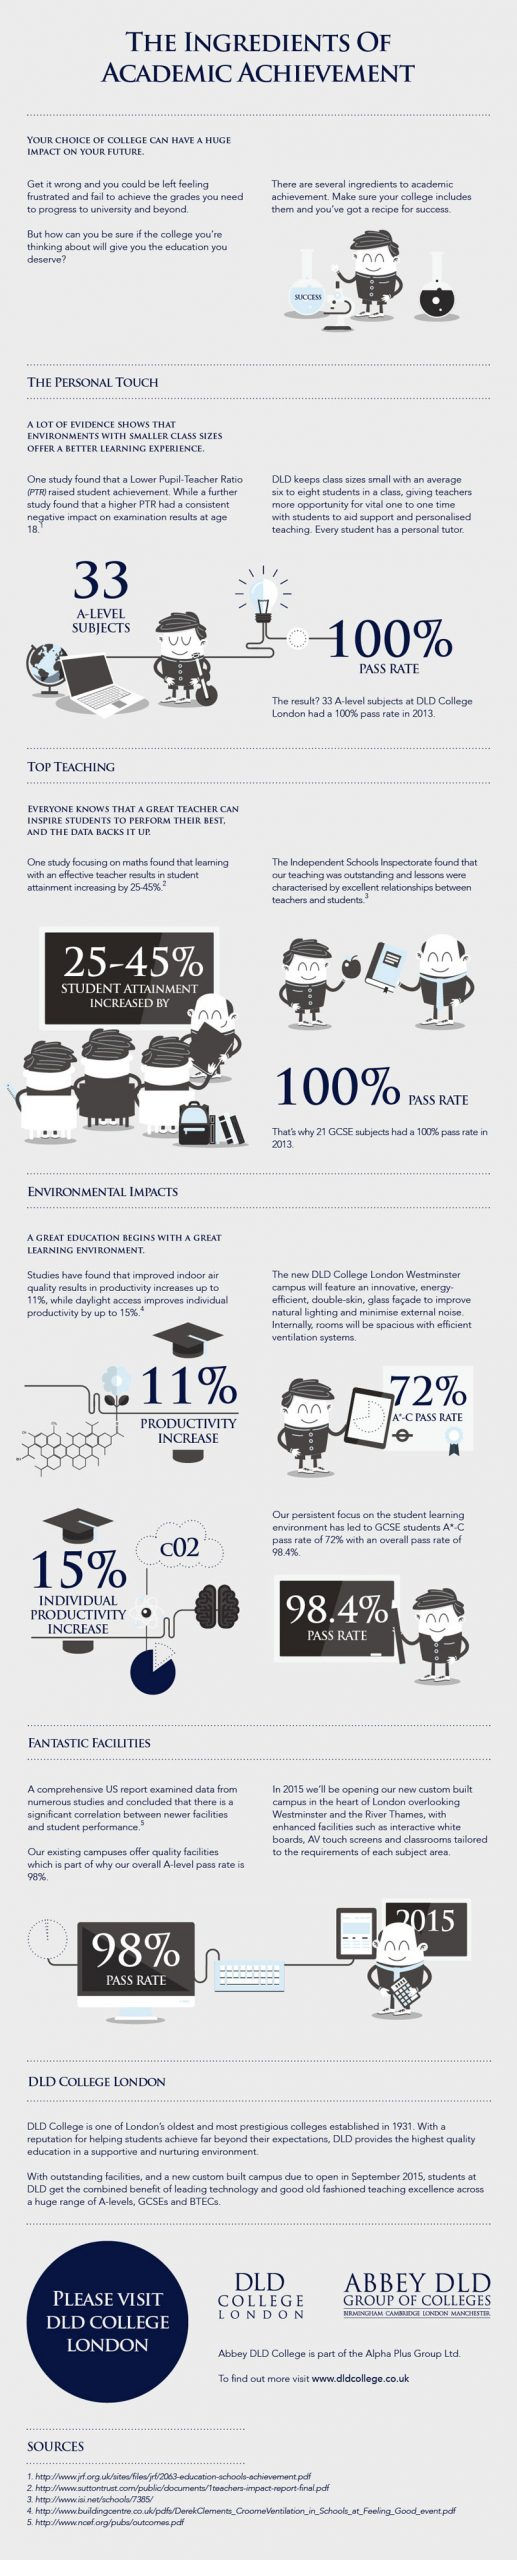 DLD College London A Level academic achievement infographic